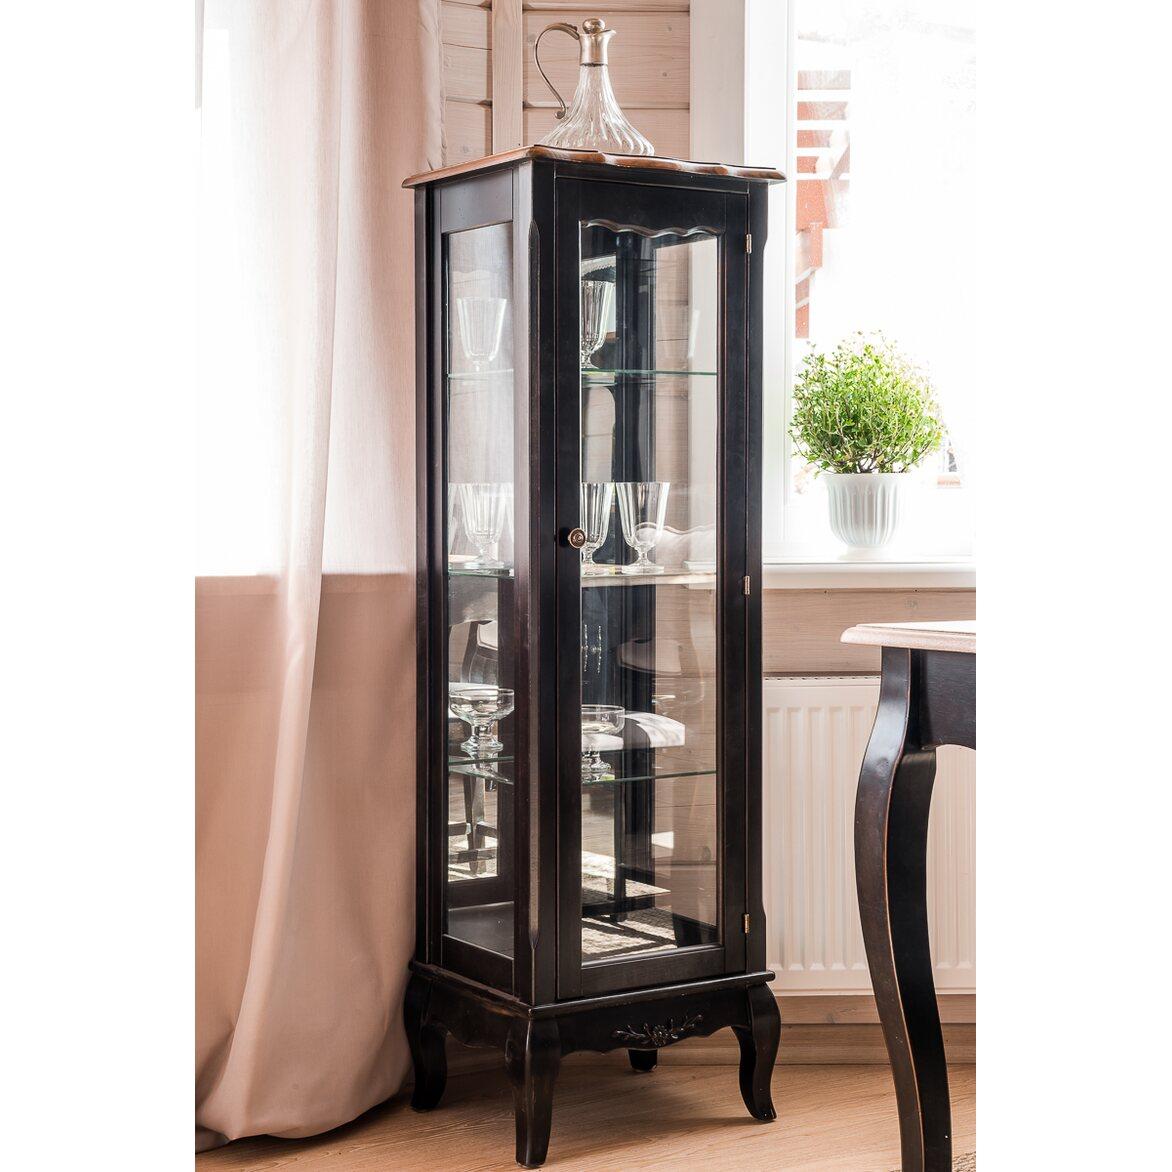 Стеклянная витрина на 4 полки (высокая) Leontina, черного цвета 5 | Витрины Kingsby